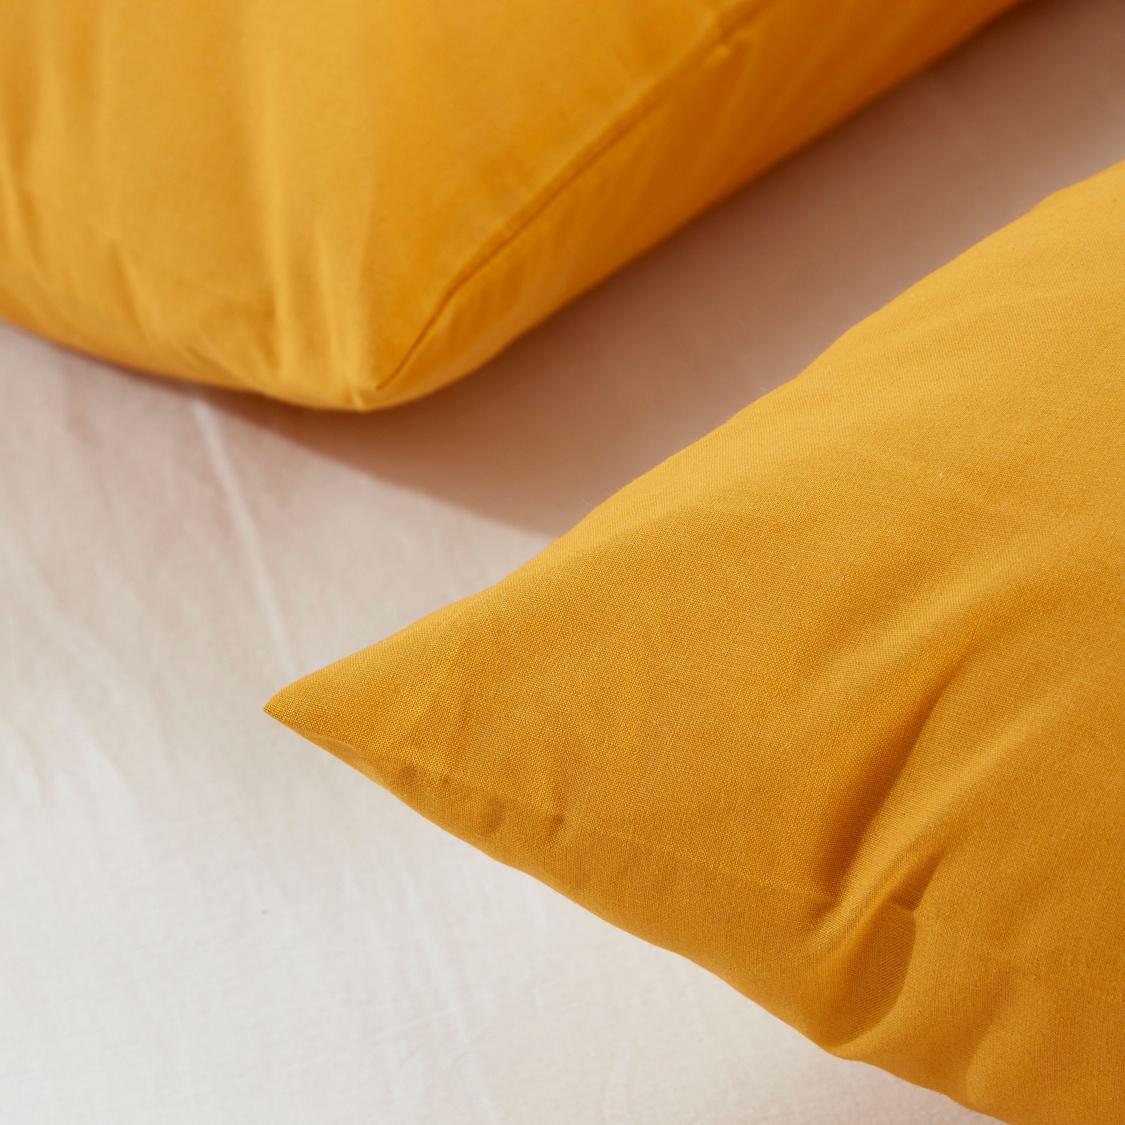 غطاء وسادة سادة - طقم من قطعتين